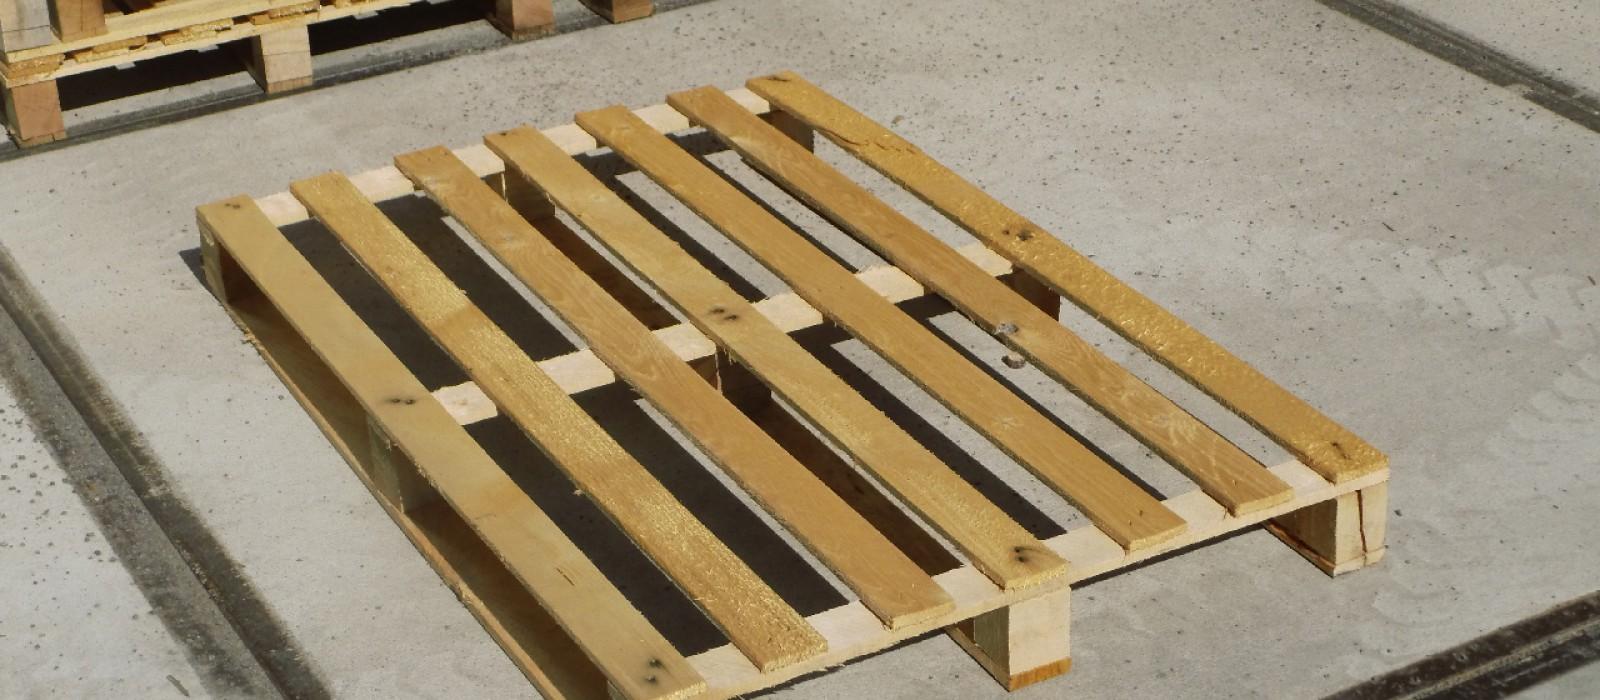 4_Wege-Palette-1200×800-mm-mit-7-Deckbrettren